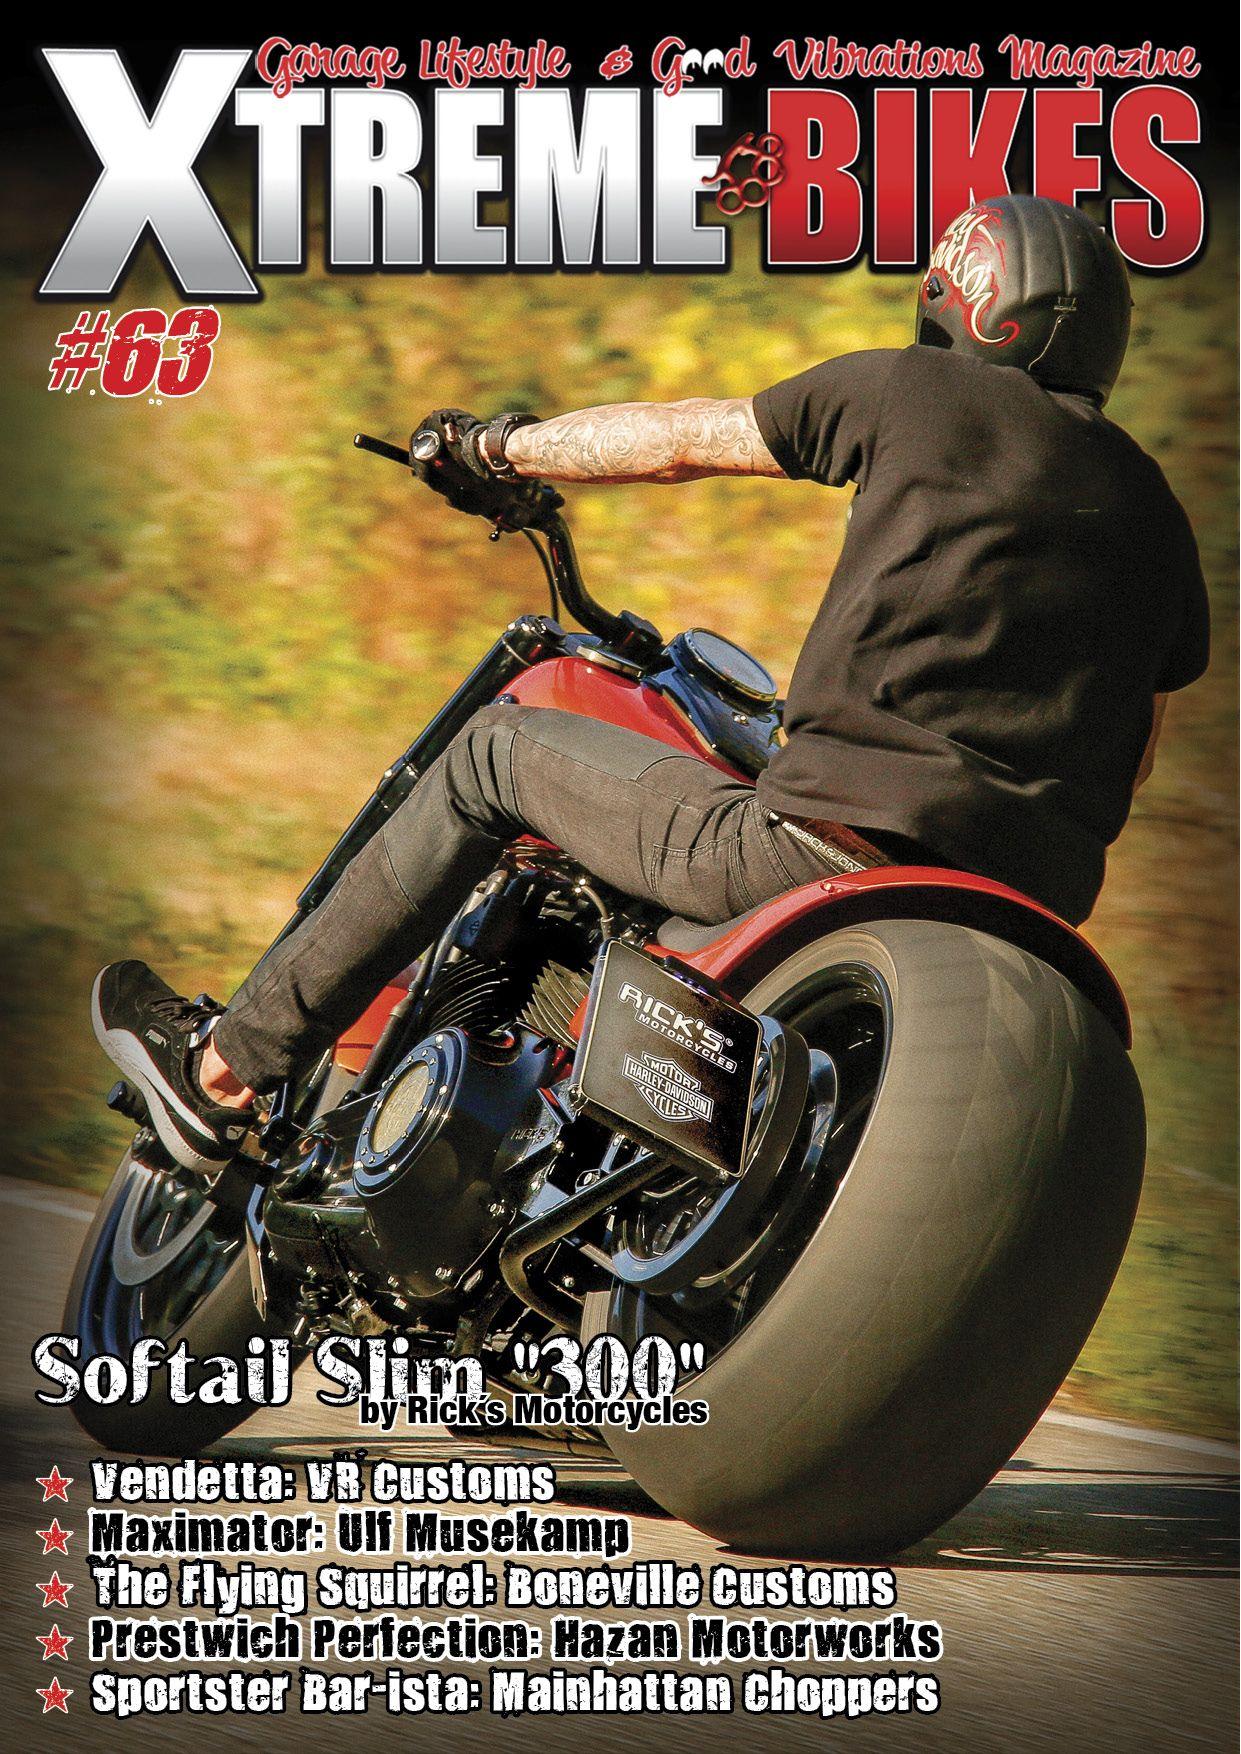 Xtreme Bikes #63